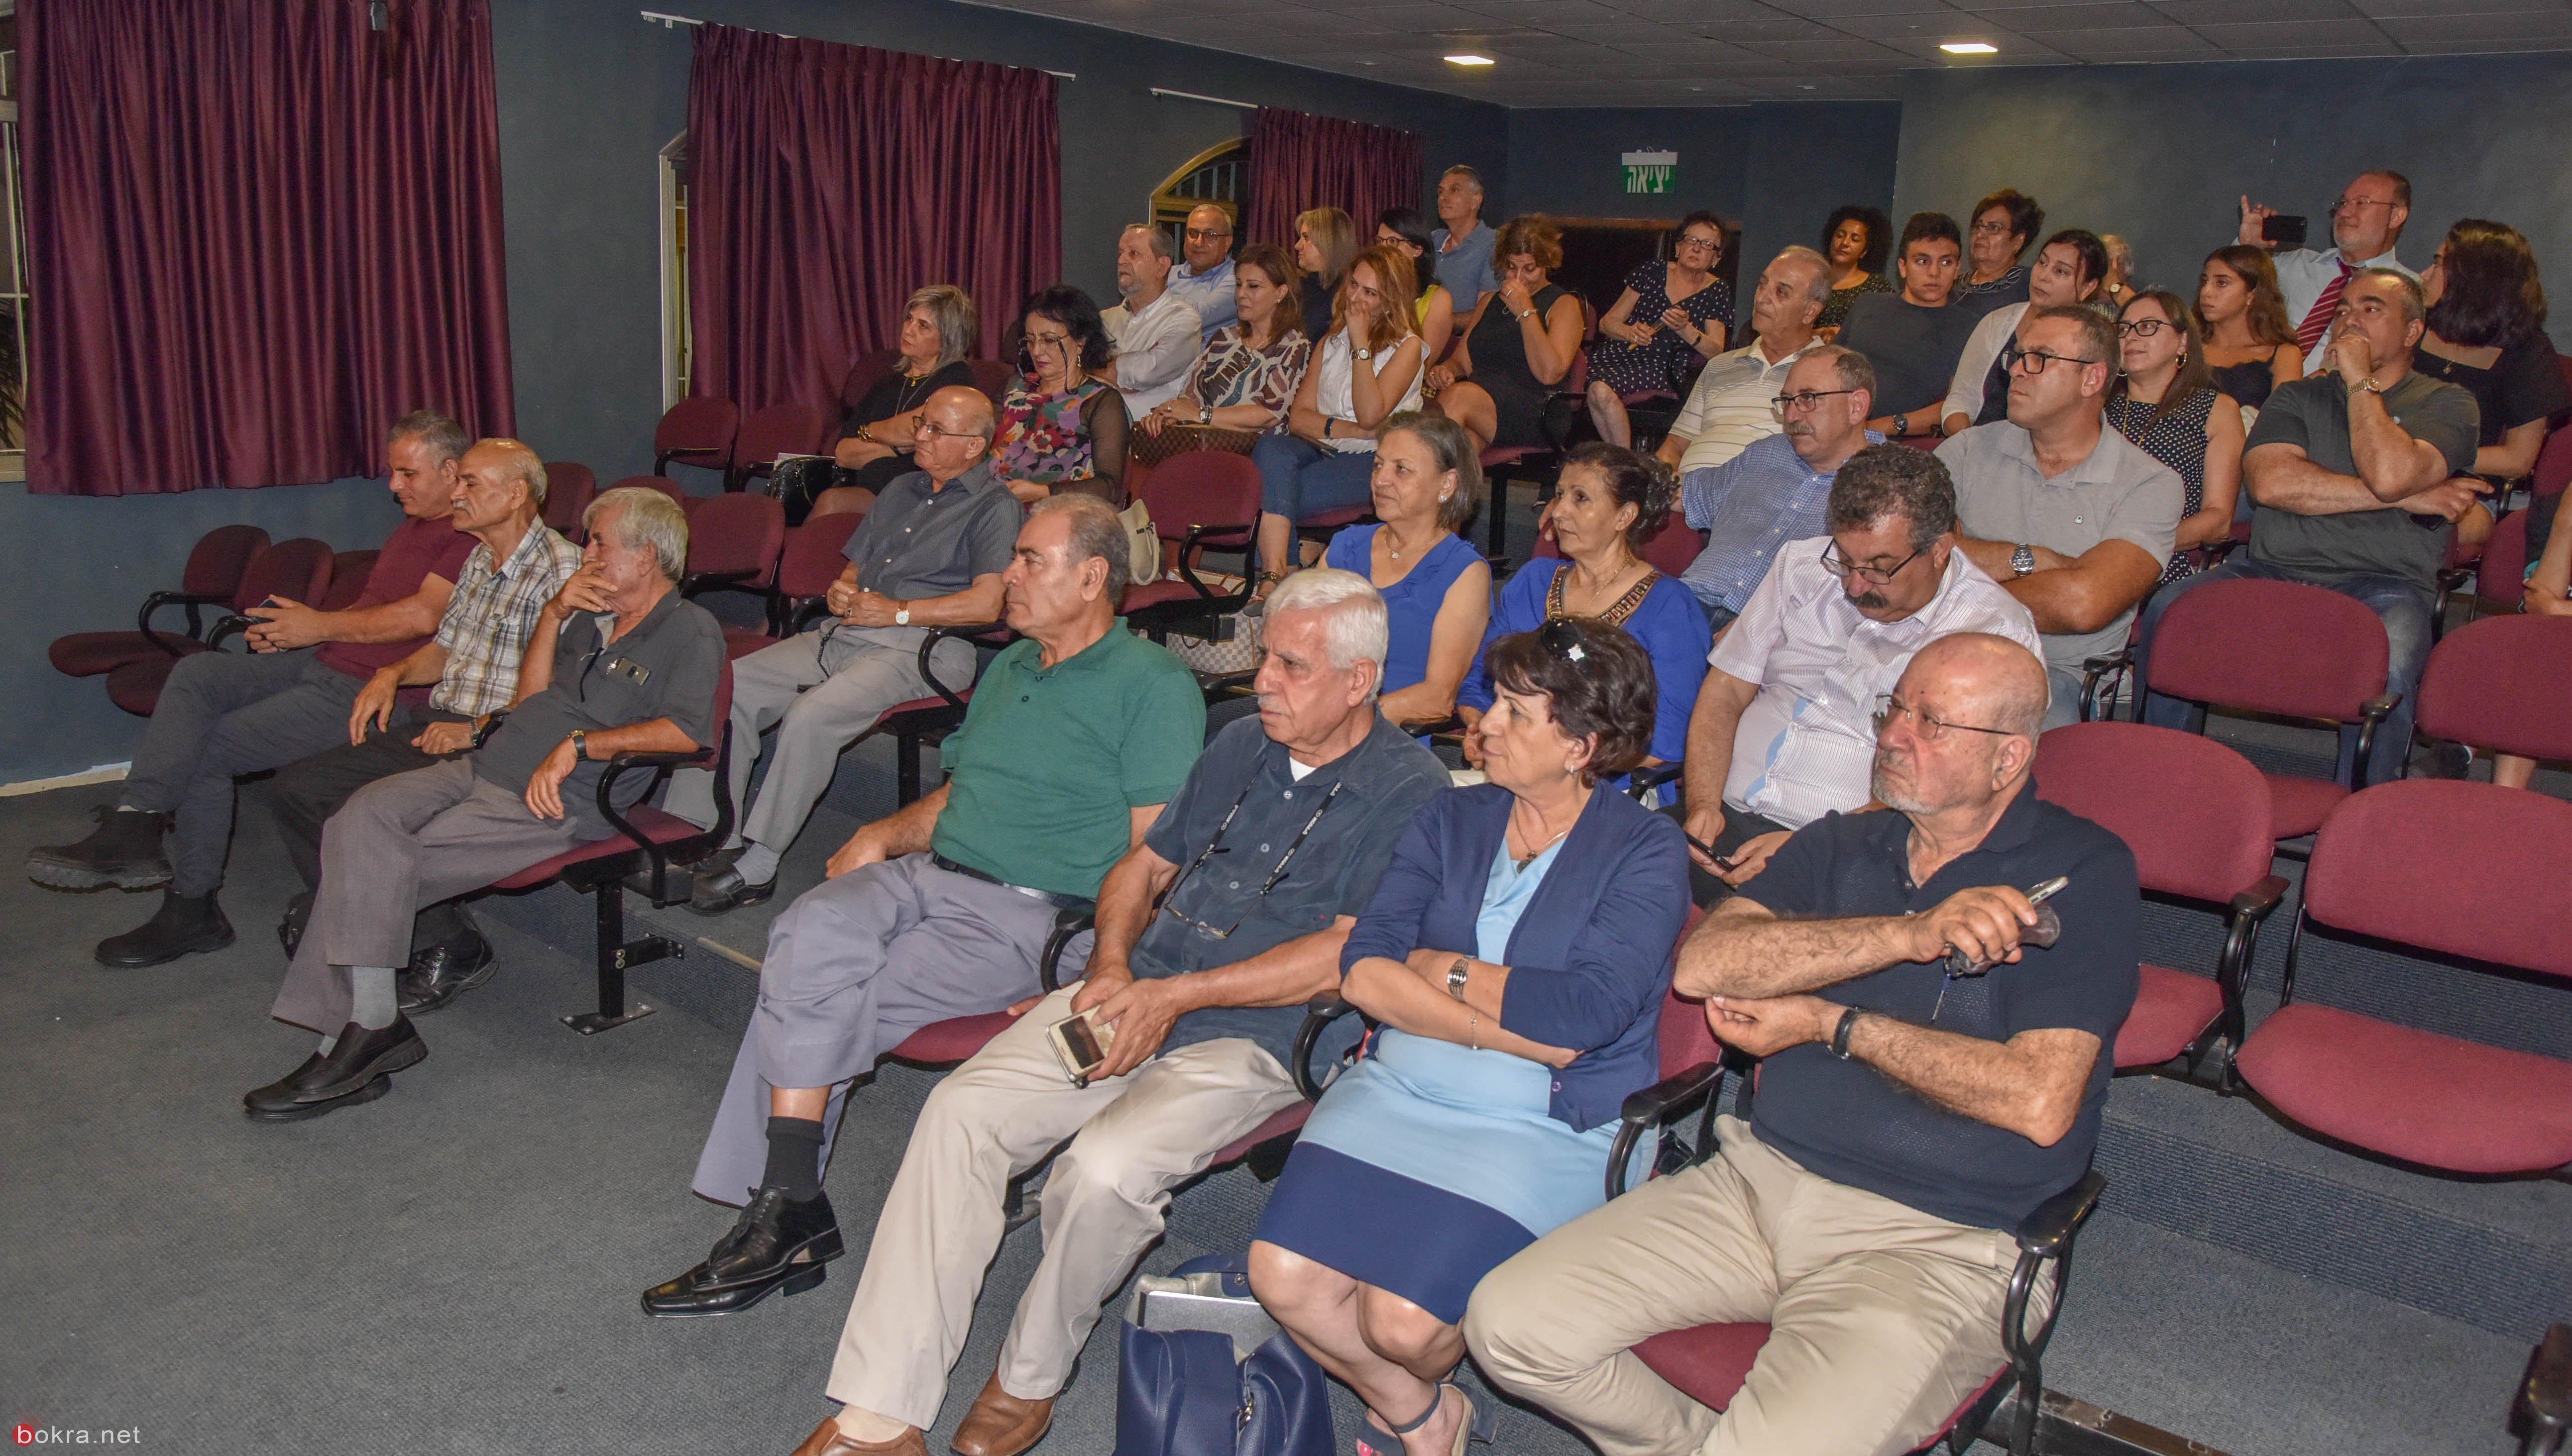 مركز محمود درويش الثقافي في الناصرة يستضيف الدكتور هاني صباغ.